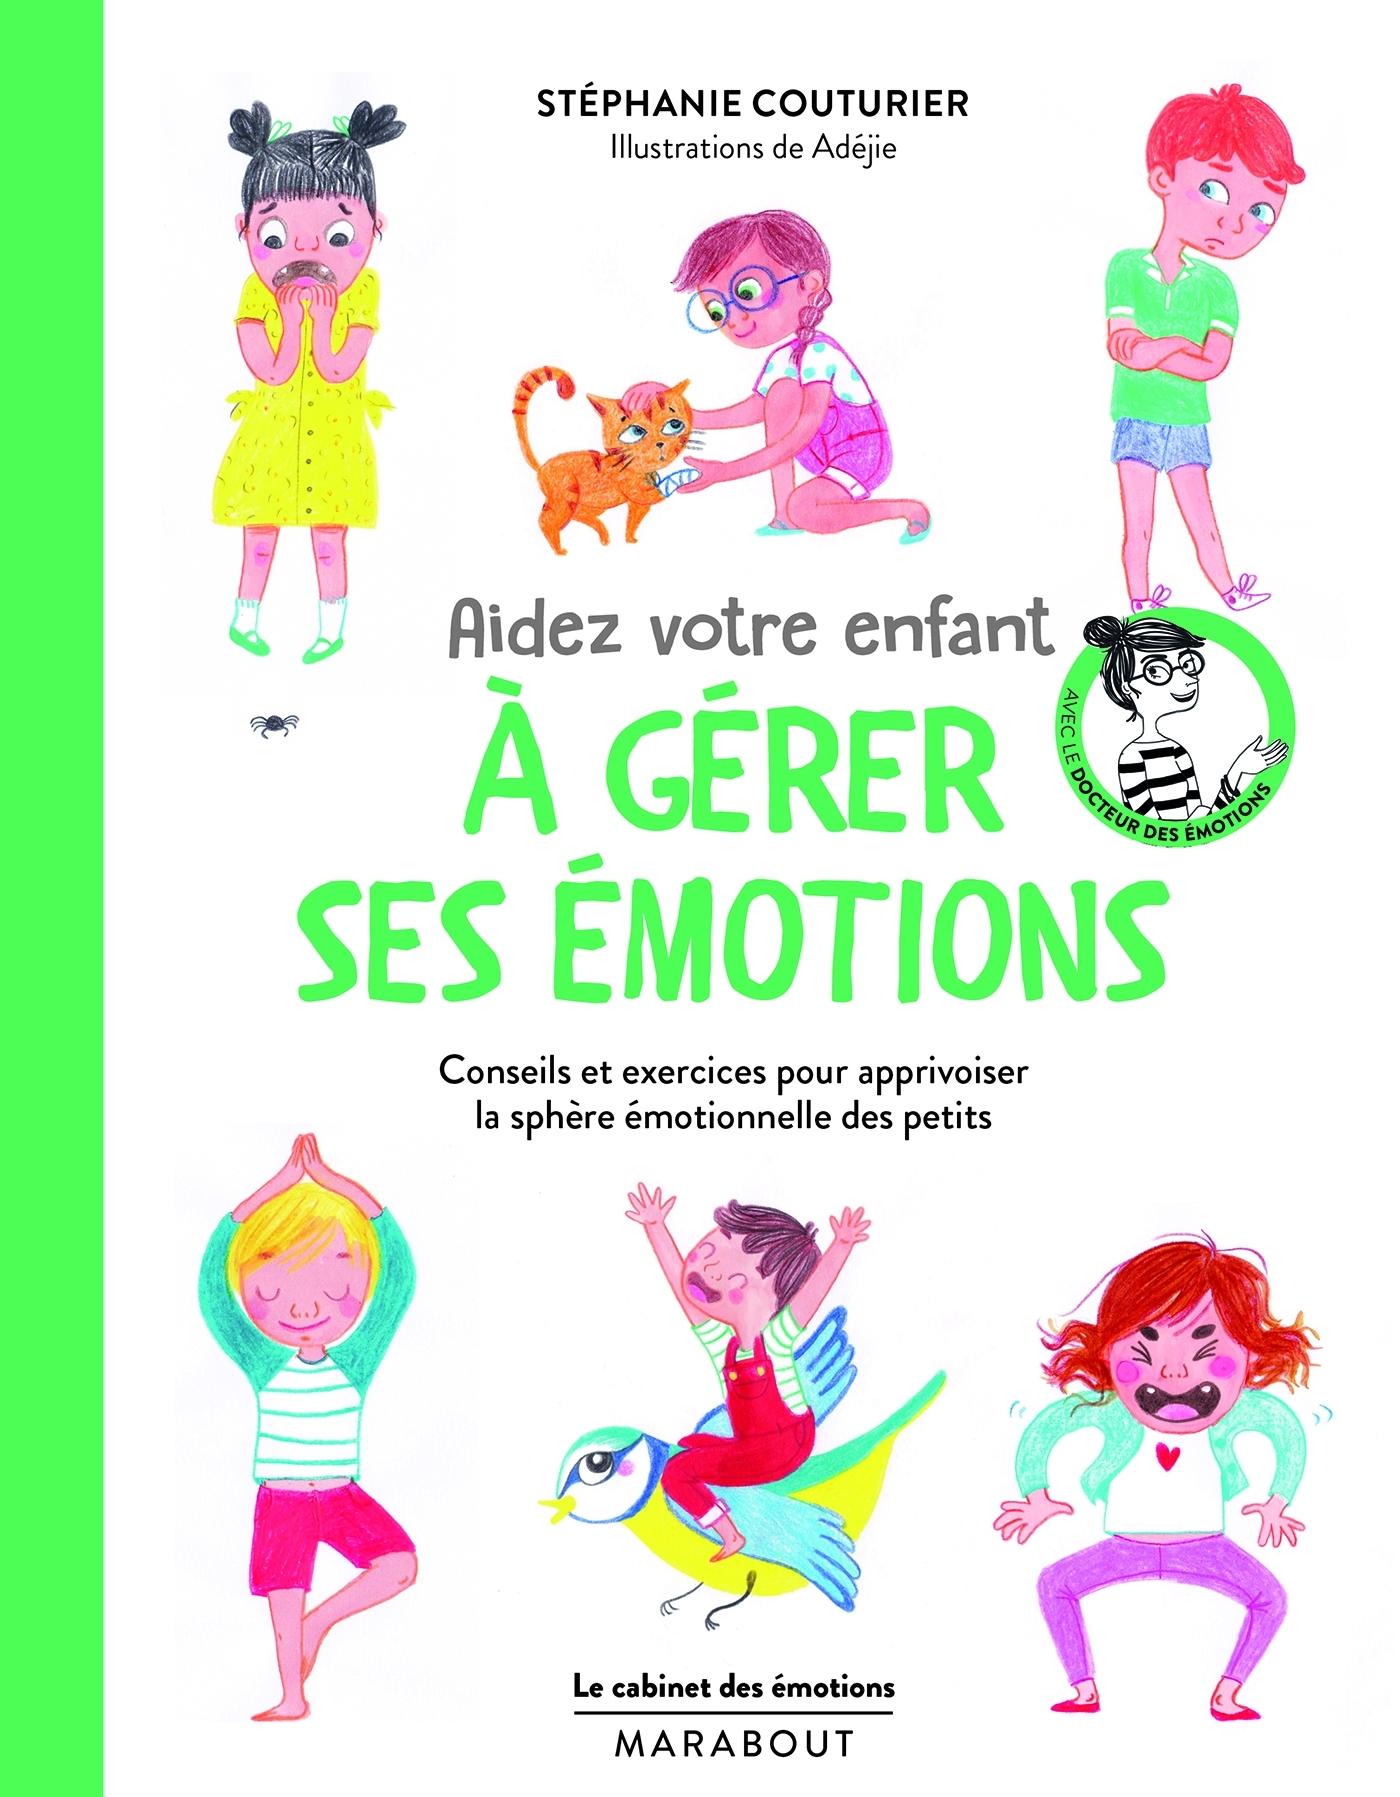 AIDEZ VOTRE ENFANT A GERER SES EMOTIONS - LA COMPILE DU CAHIER DES EMOTIONS